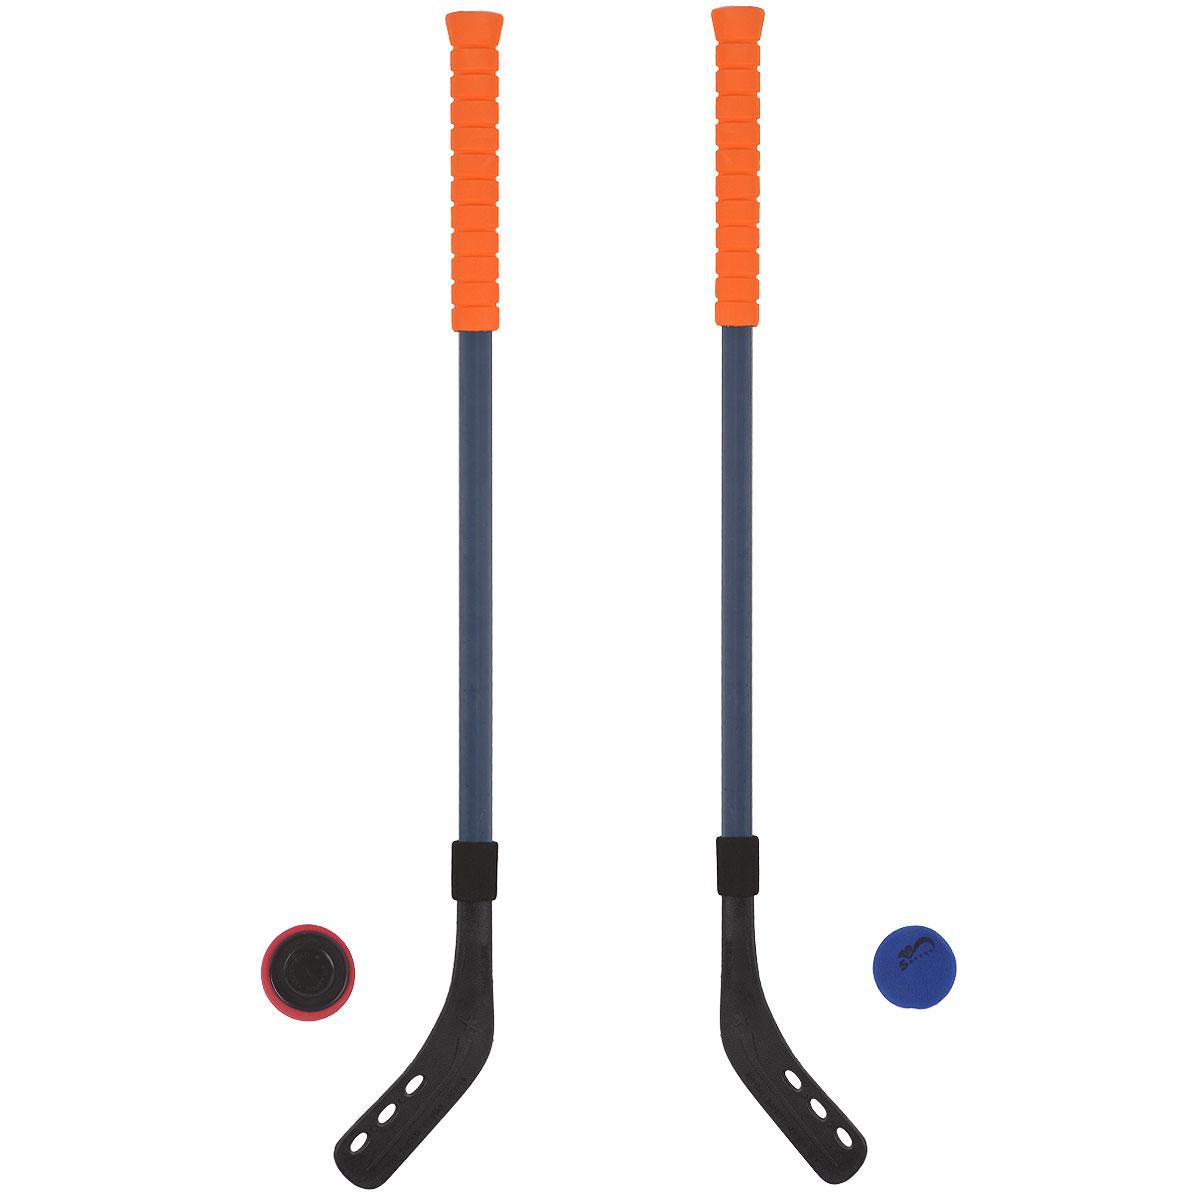 """Набор для игры в хоккей Safsof """"Hockey Set"""" будет полезным подарком для любителей подвижных игр и активного отдыха. Набор включает в себя две прочные пластиковые клюшки с удобными мягкими ручками, шайбу и мяч из вспененного полимера для игры на льду и корте. Хоккейный набор поможет в приобщении ребенка к спорту, а также доставит много радости и принесет большое количество новых впечатлений. Приобретая набор для игры в хоккей, вы обеспечите малышу весело проведенное время и крепкое здоровье, ведь активные игры на природе очень полезны. Для детей от 3 лет. Уважаемые клиенты! Обращаем ваше внимание на возможные изменения в цветовом дизайне набора, связанные с ассортиментом продукции. Поставка осуществляется в зависимости от наличия на складе."""